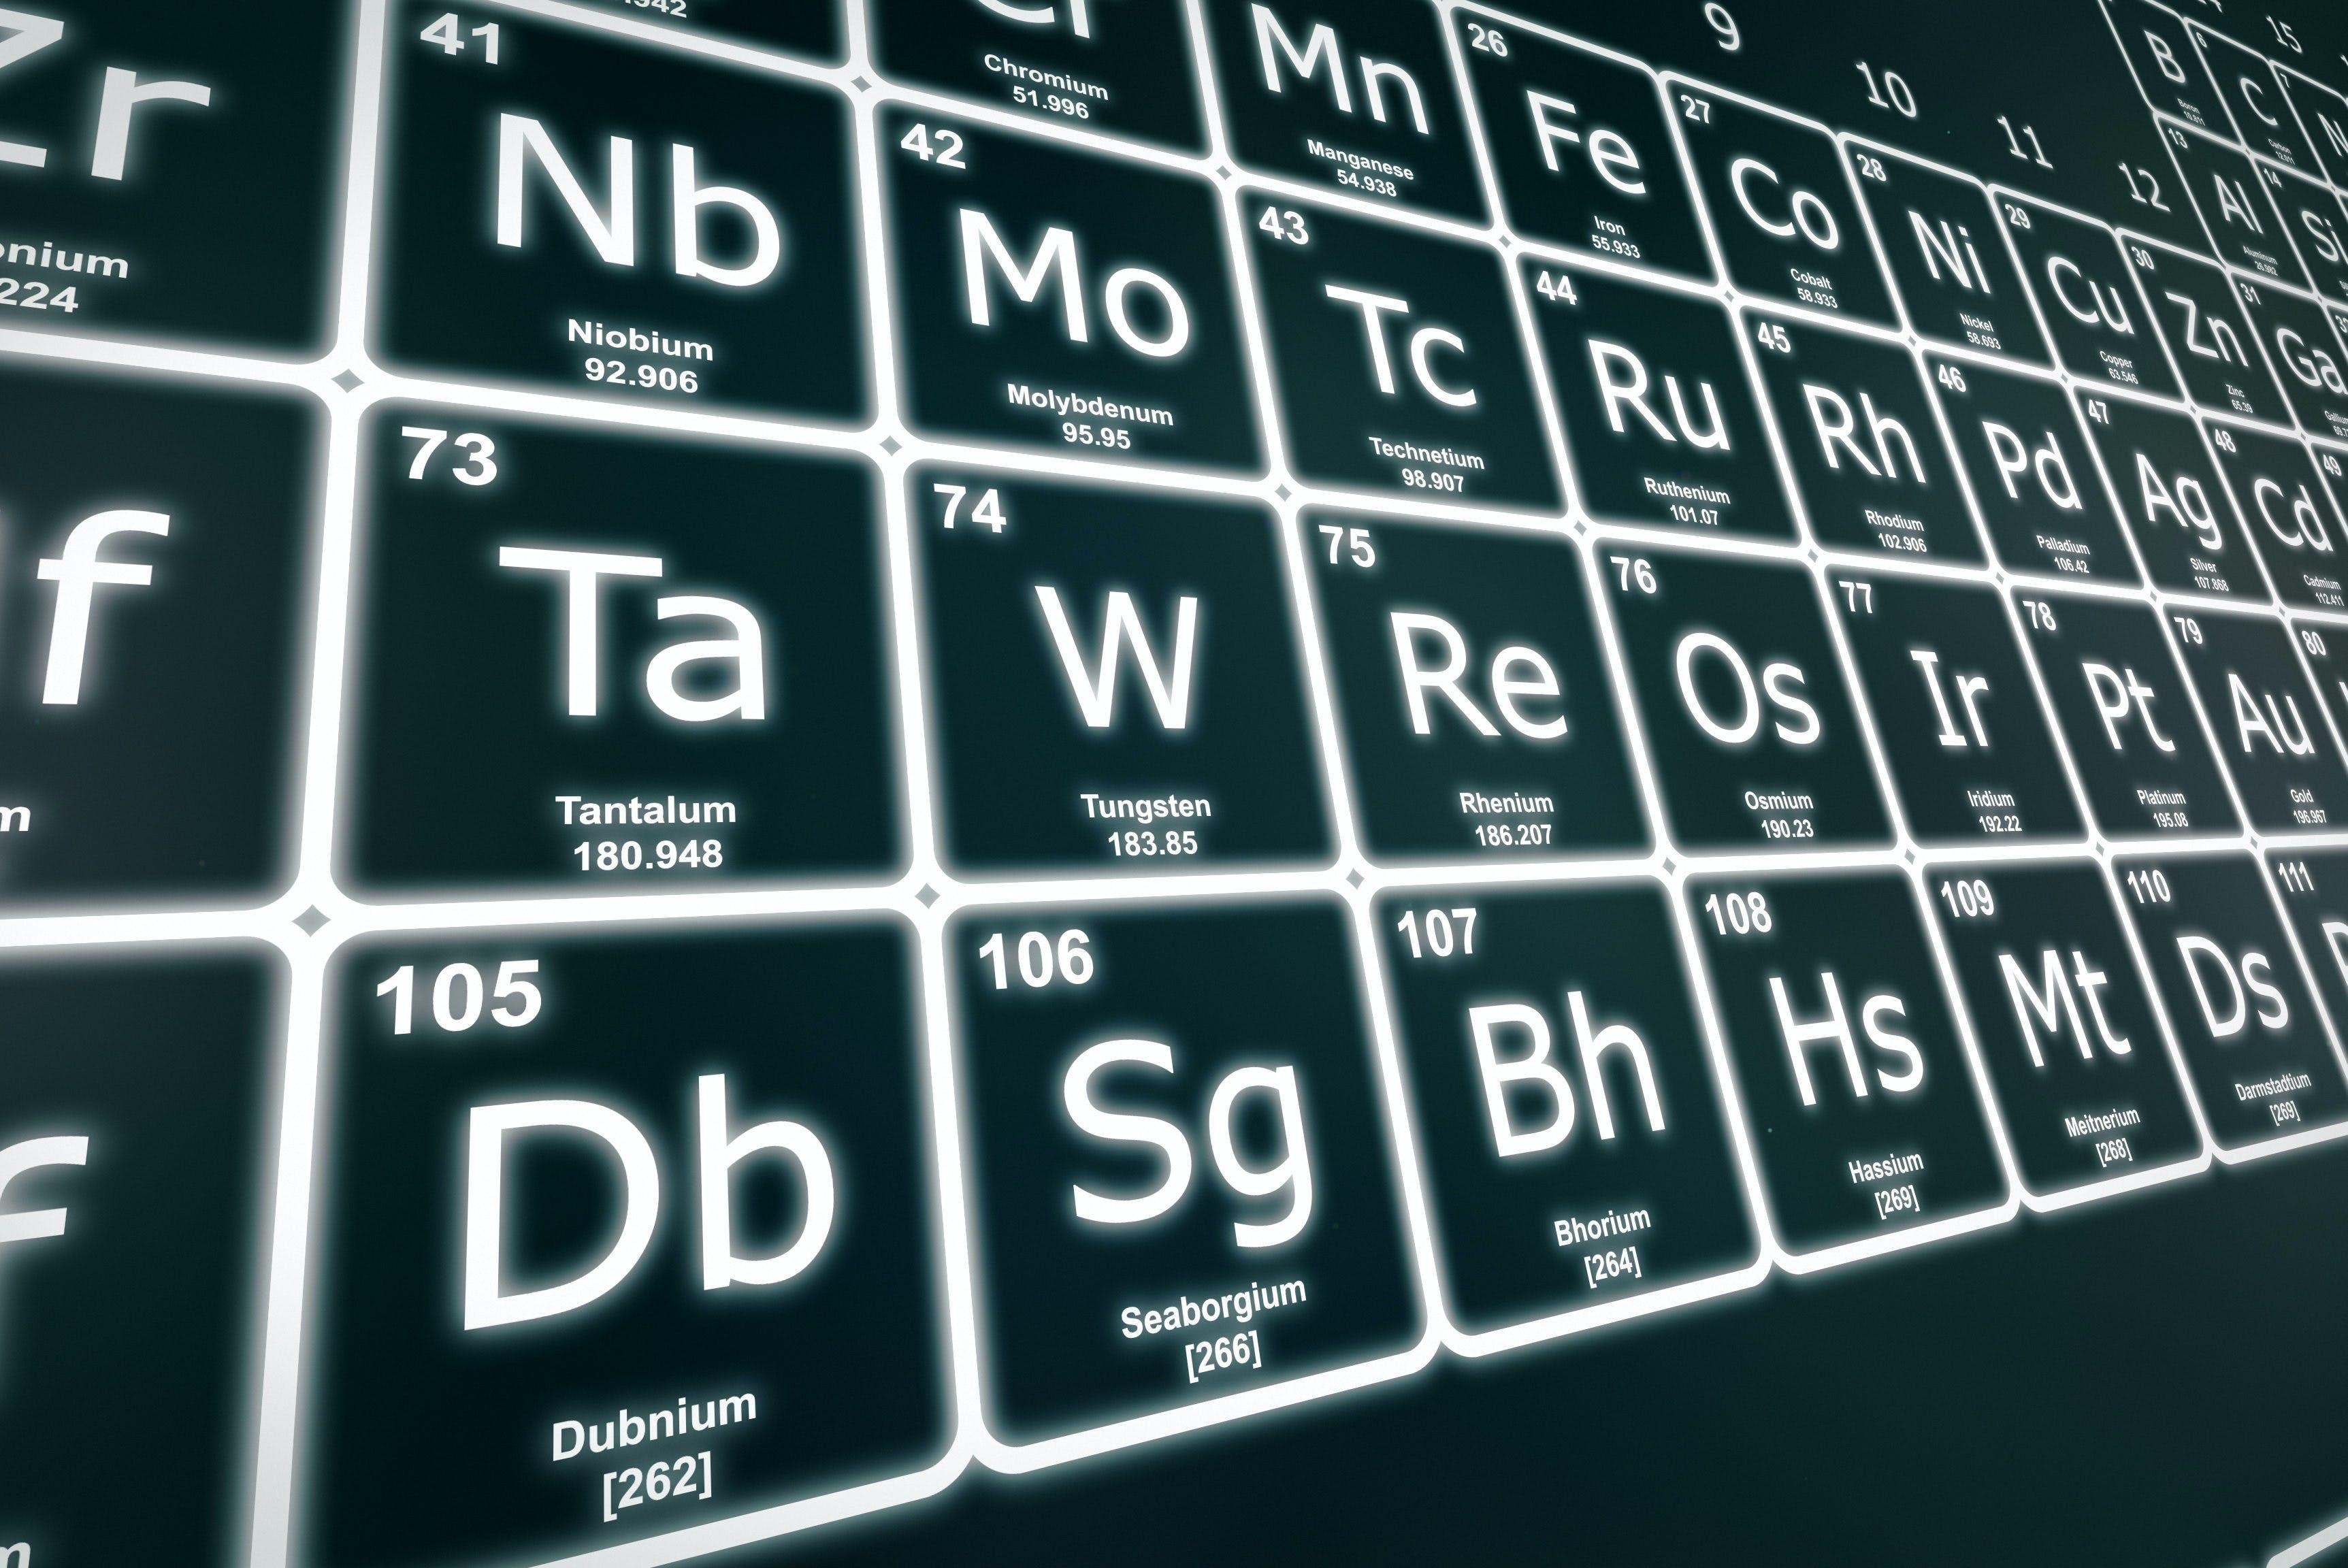 alkuaineista